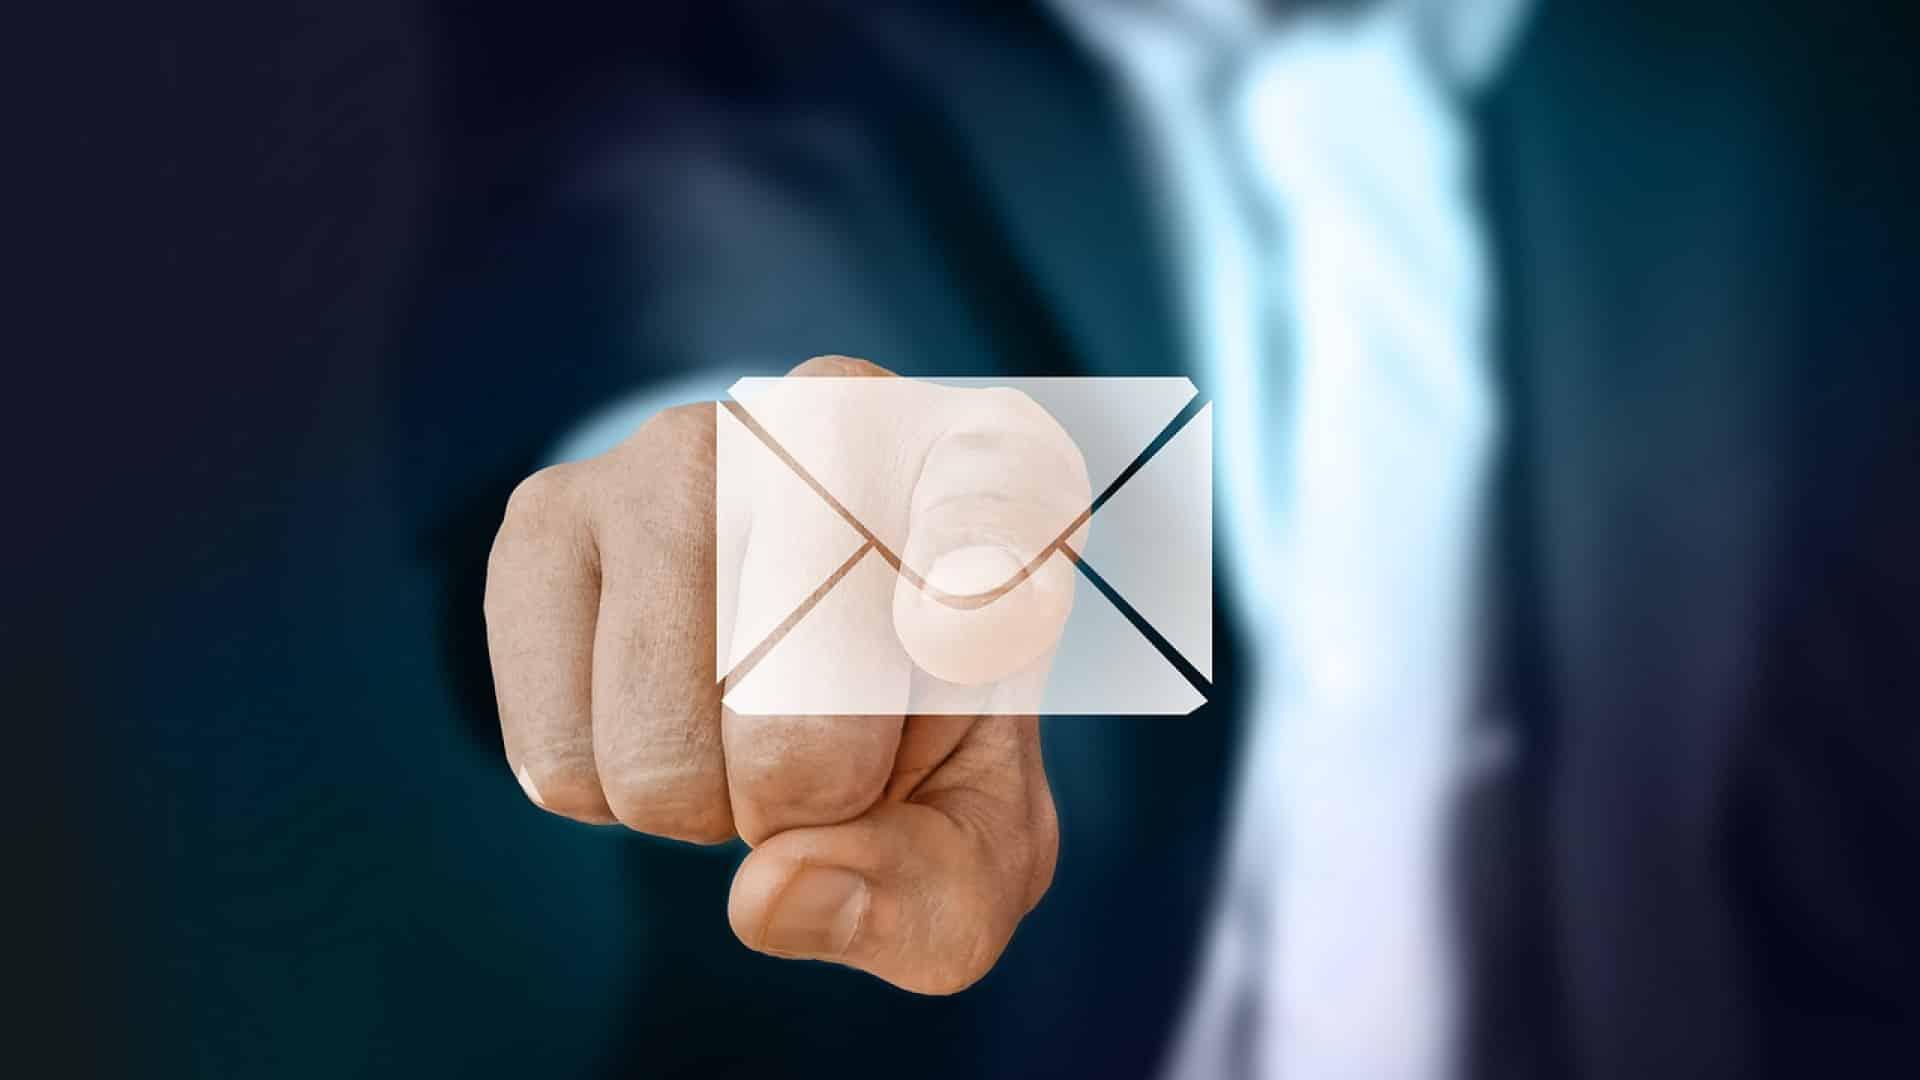 Entreprise : pourquoi et comment choisir un outil de messagerie?